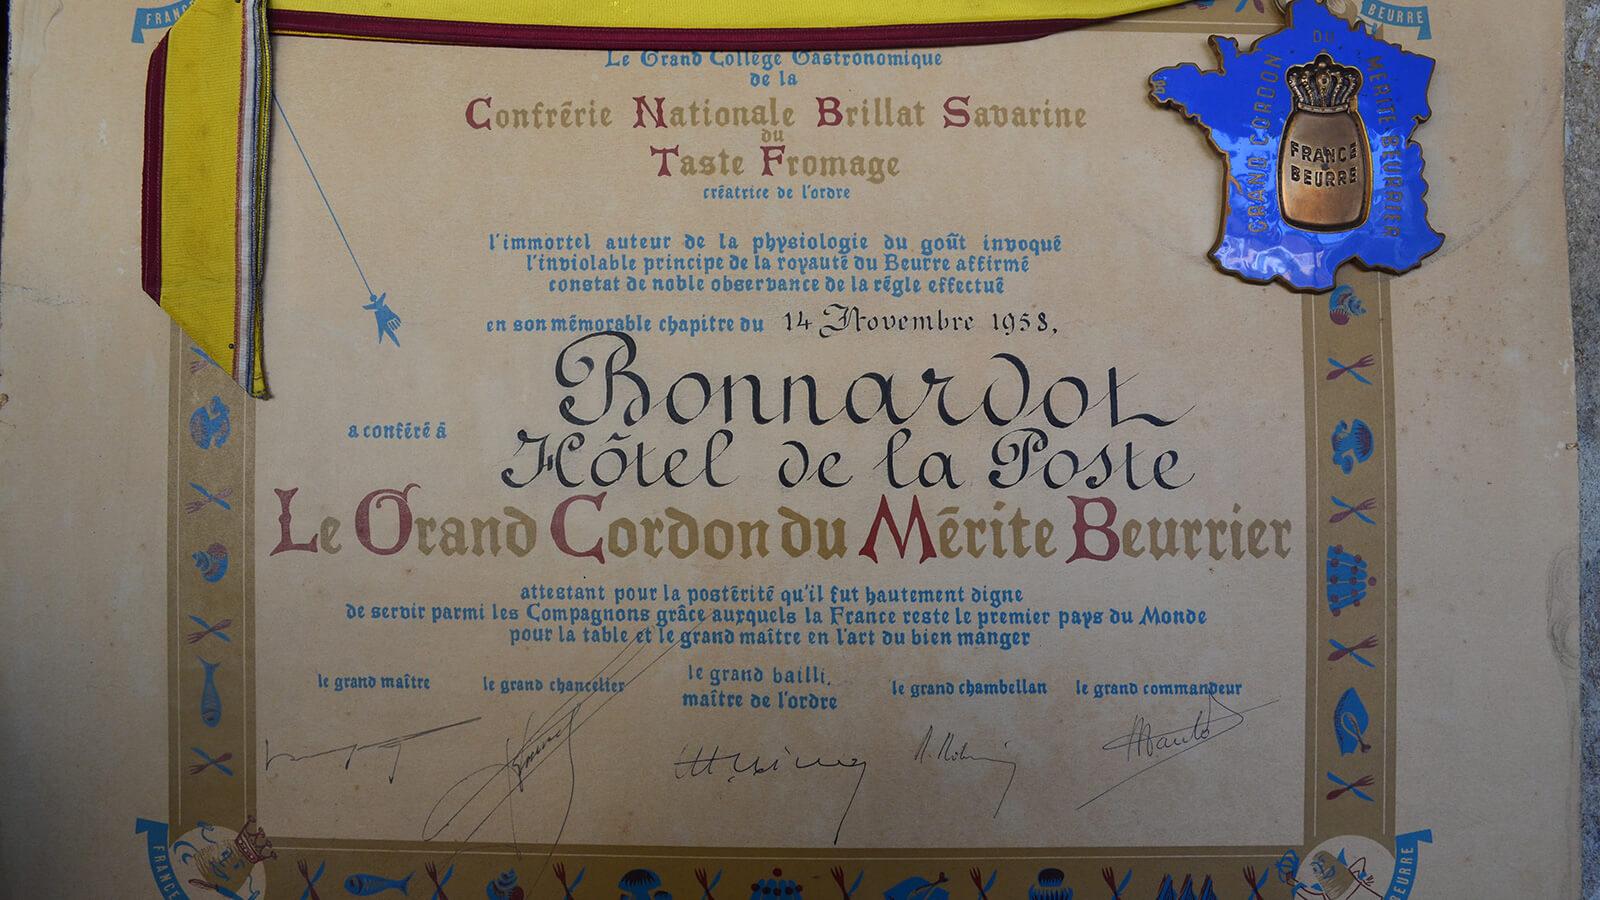 Merite Beurrier